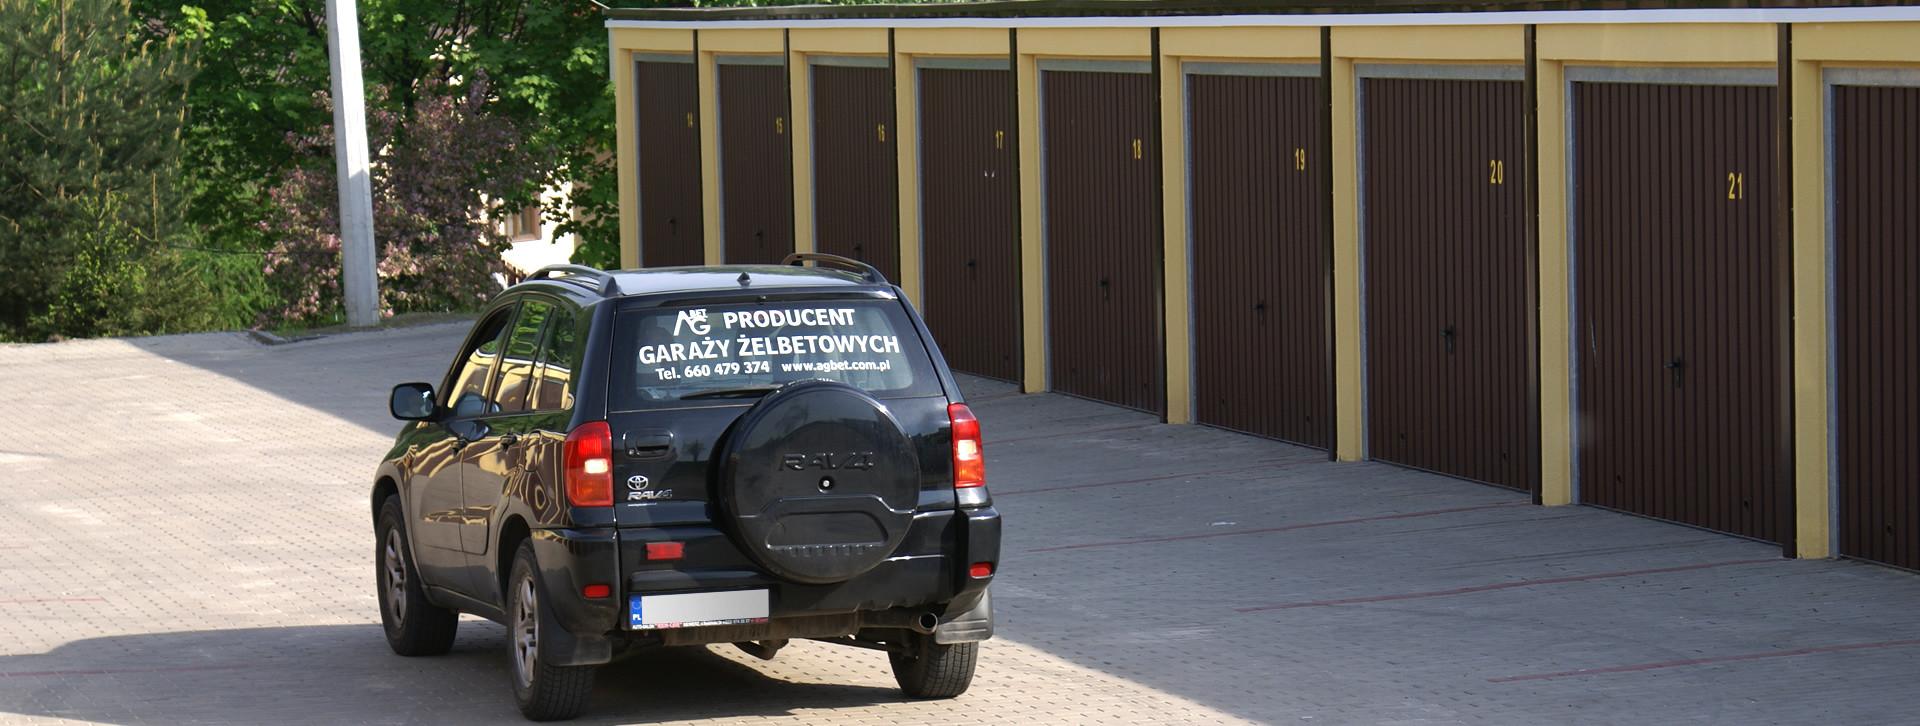 Produkujemy wysokiej jakości monolityczne garaże żelbetowe, pomieszczenia biurowe i szamba